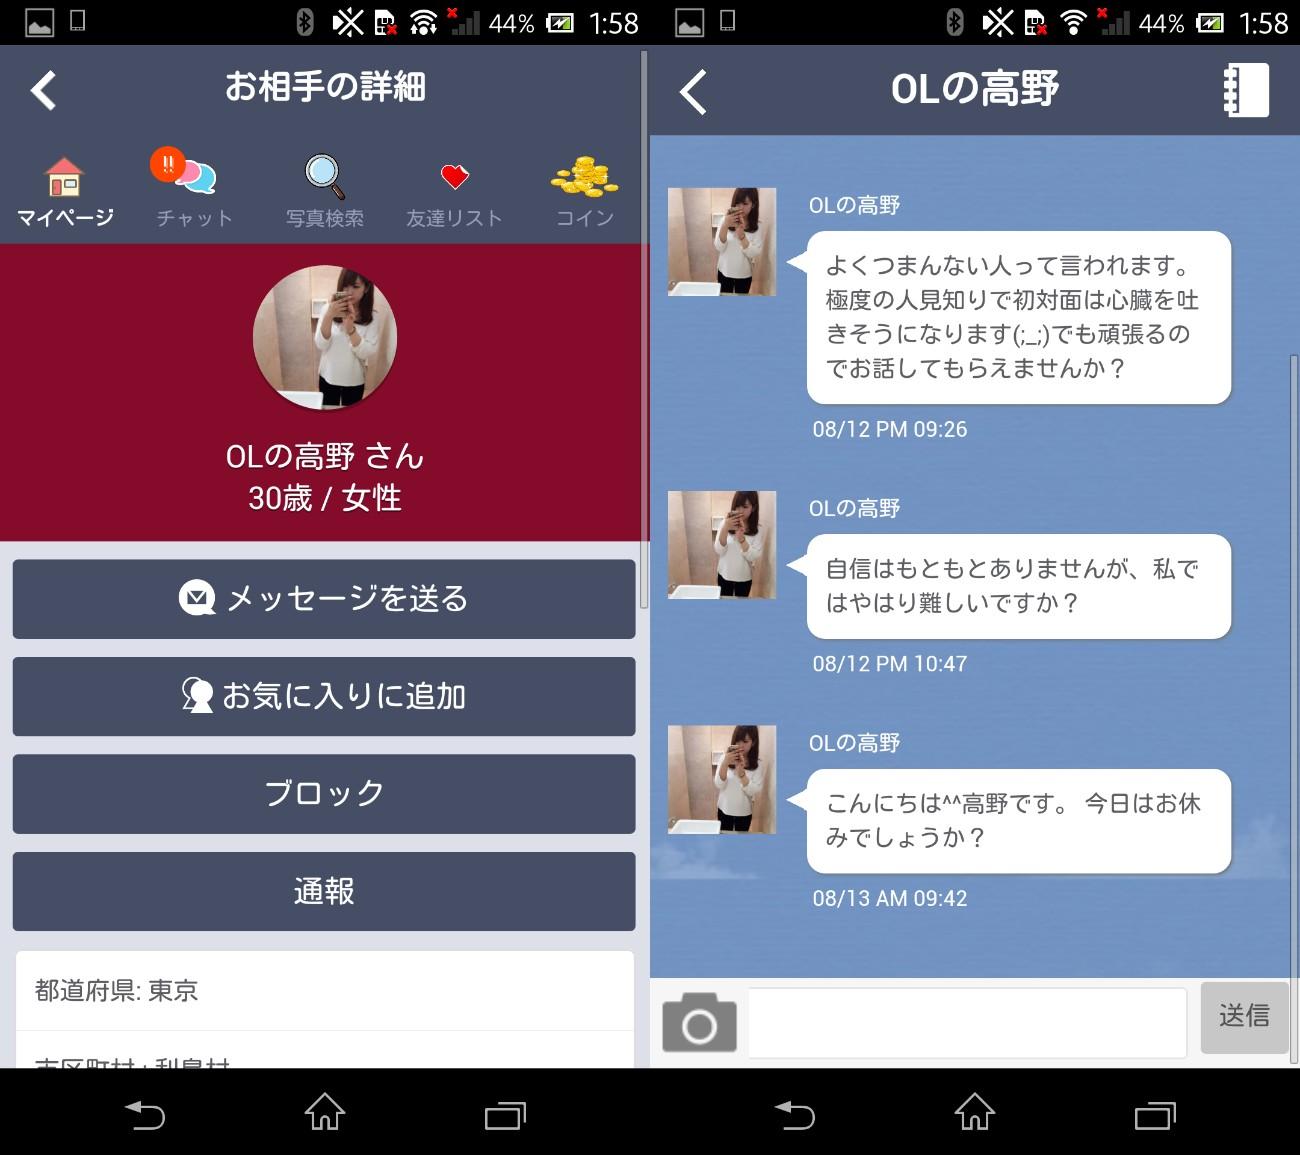 出会いにチャット&掲示板アプリ「友恋」無料登録の出会系サクラアプリ